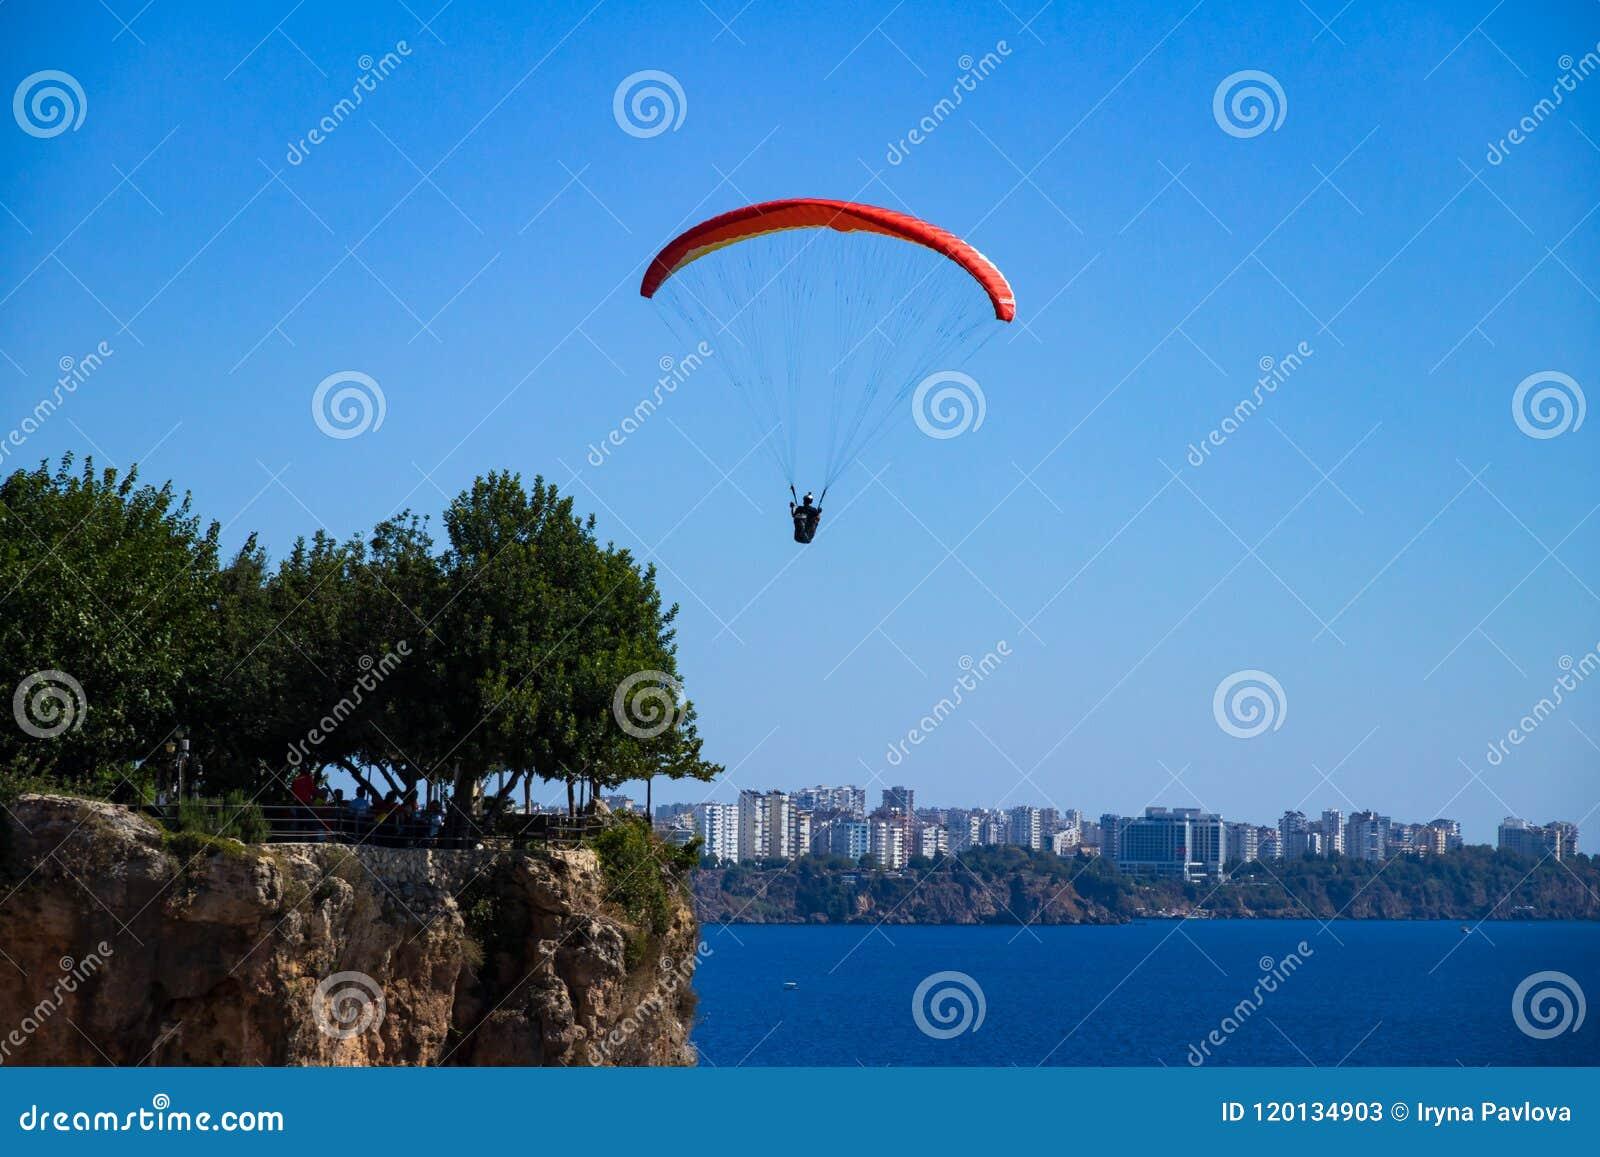 Un hombre está volando en un ala flexible